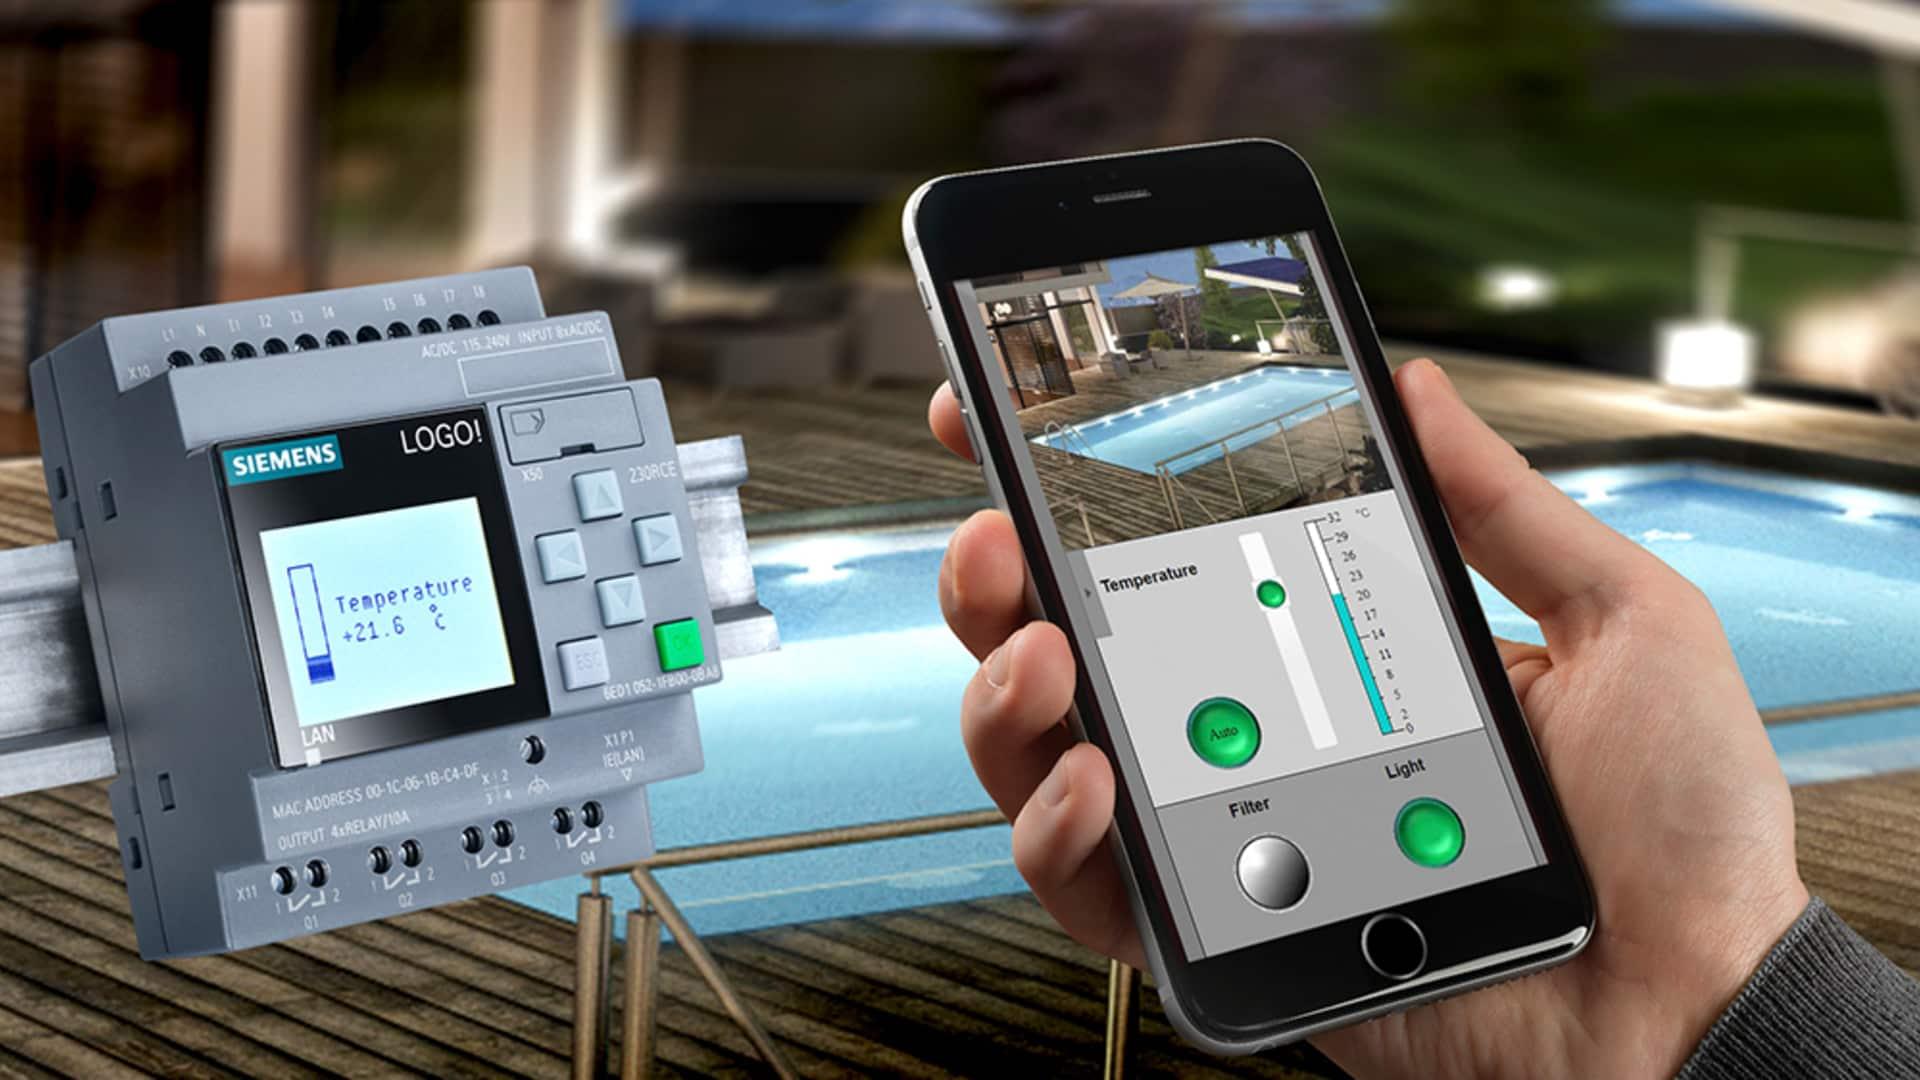 Siemens: Mit eigener Webseite LOGO!-Anwendungen steuern